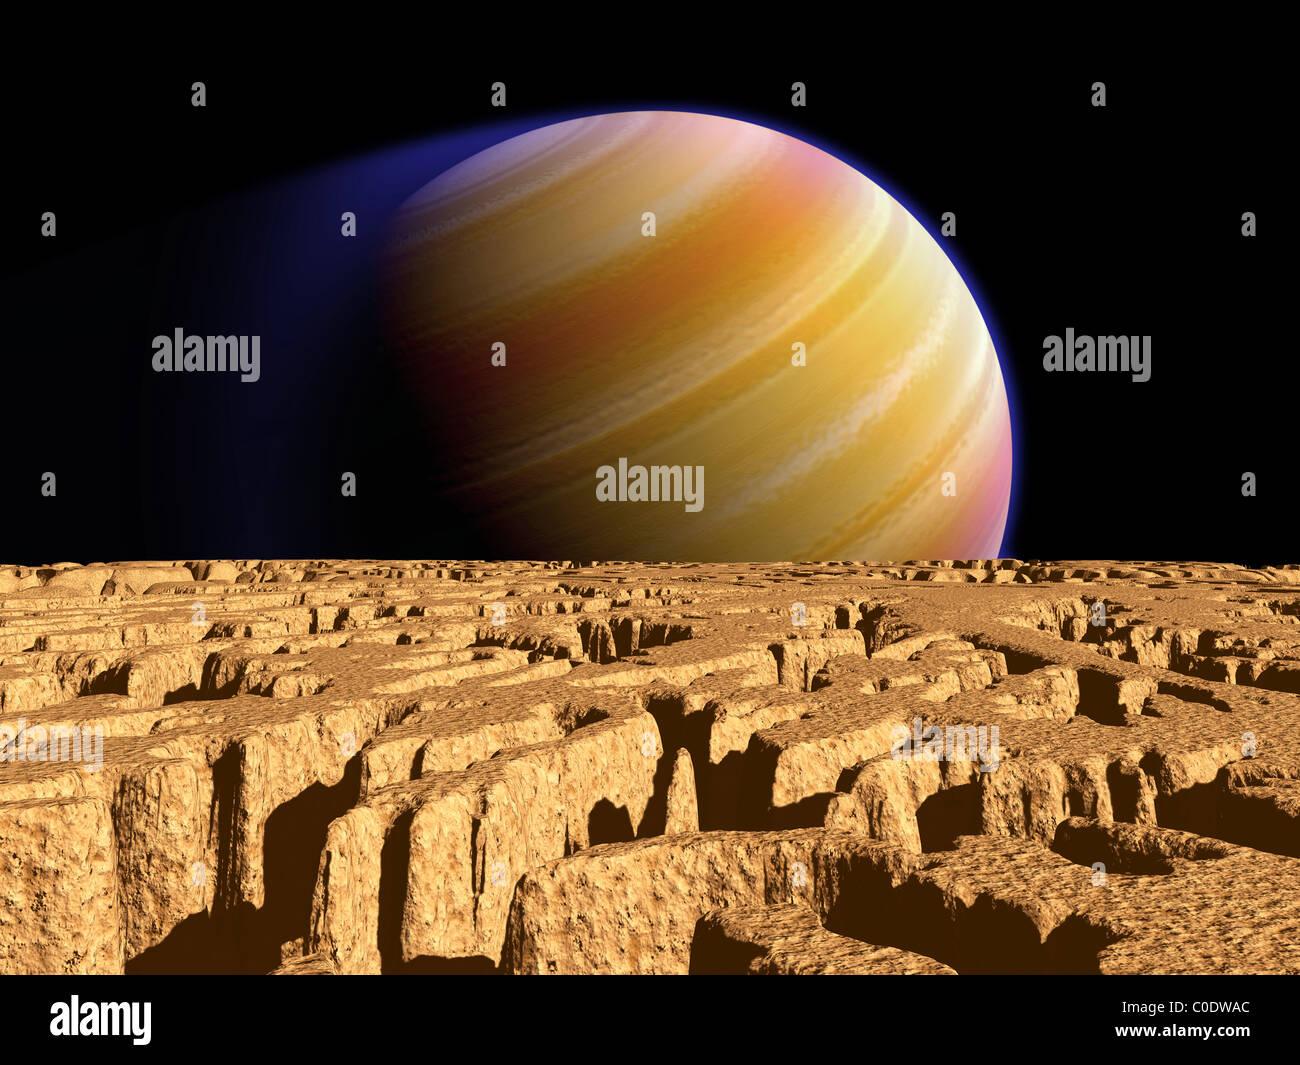 Concept de l'artiste de l'exoplanète tau Bootis b sur une hypothétique lune. Photo Stock